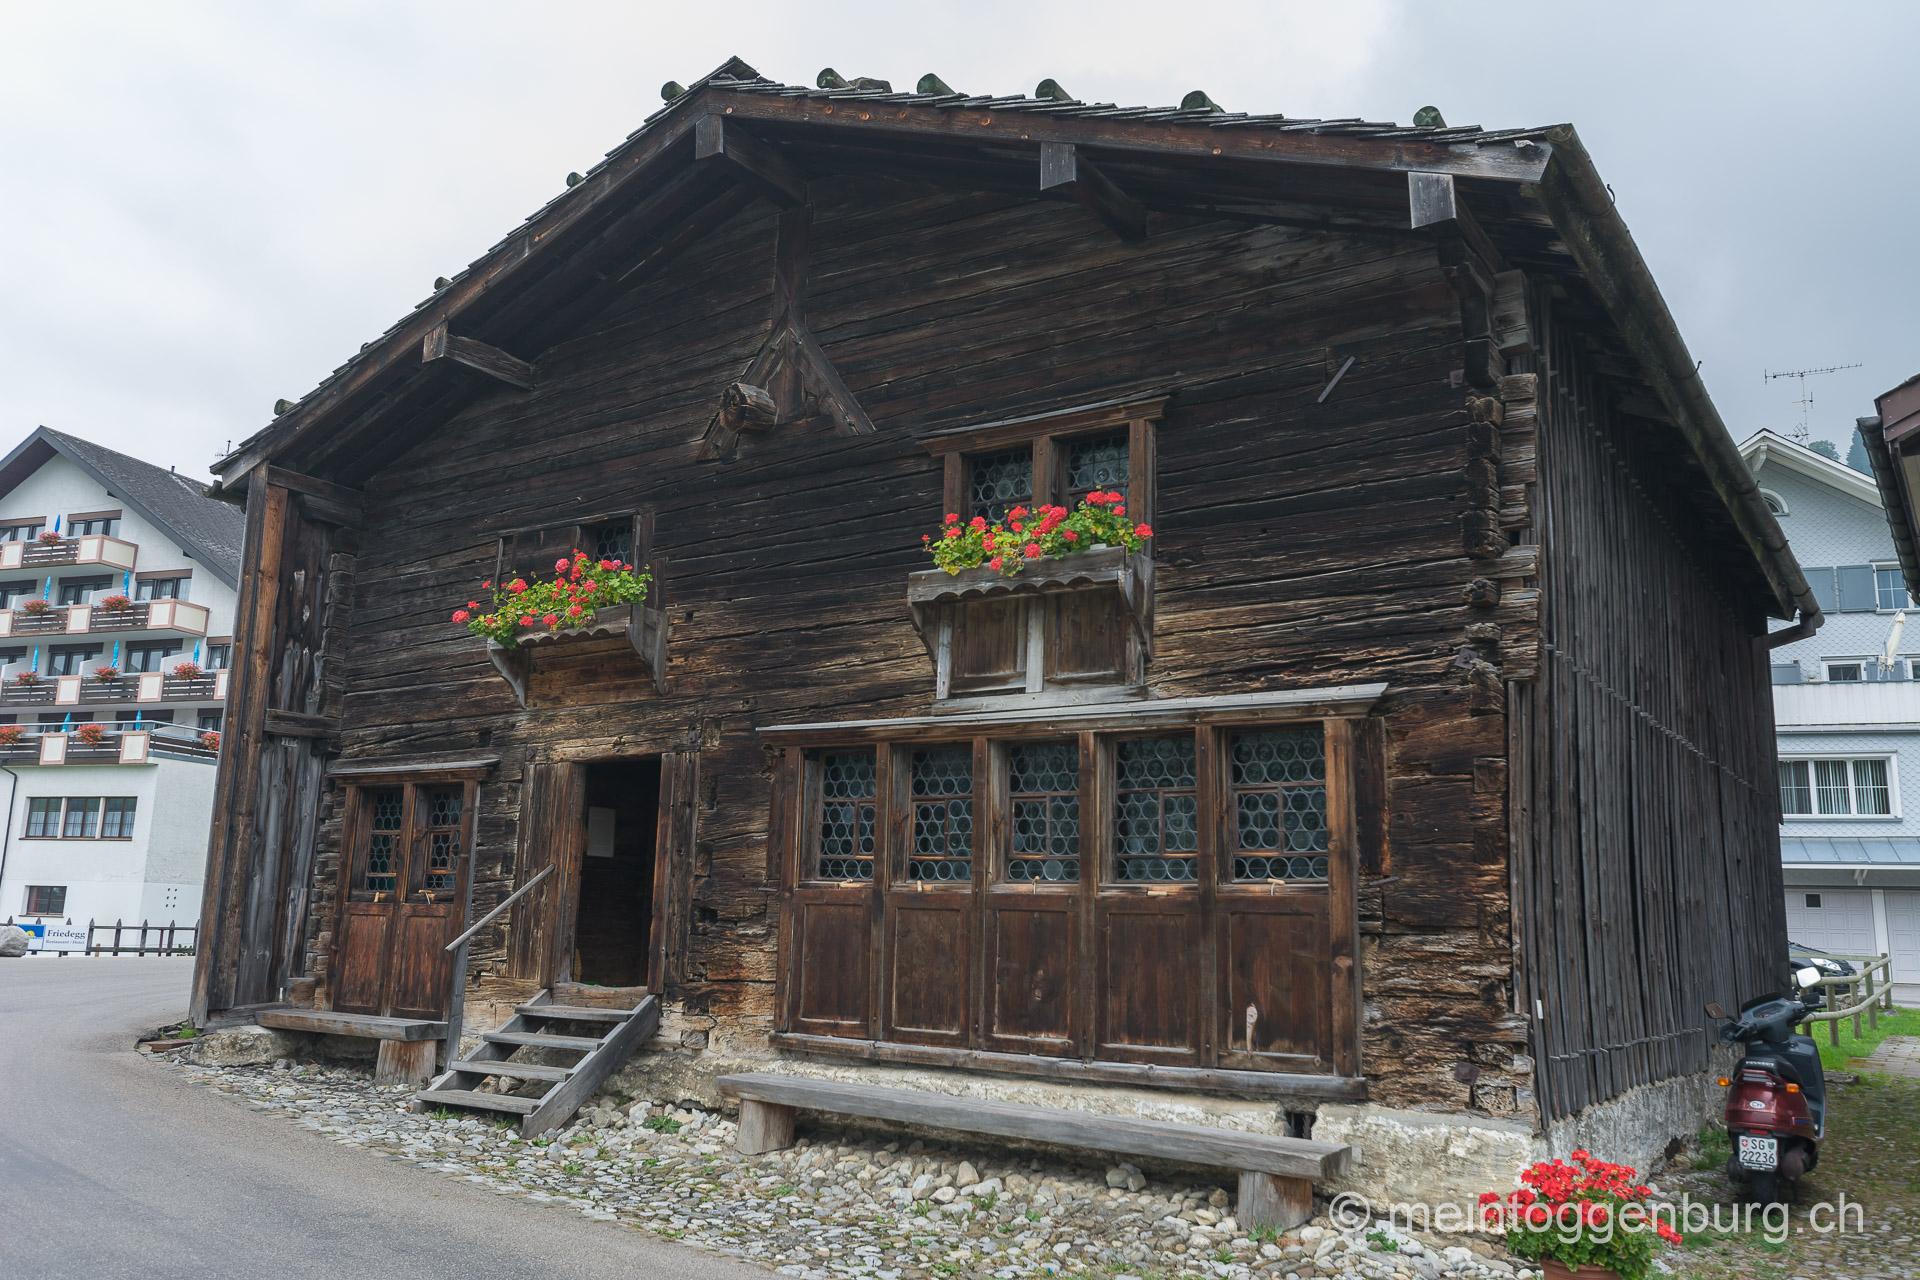 Geburtshaus Huldrych Zwingli